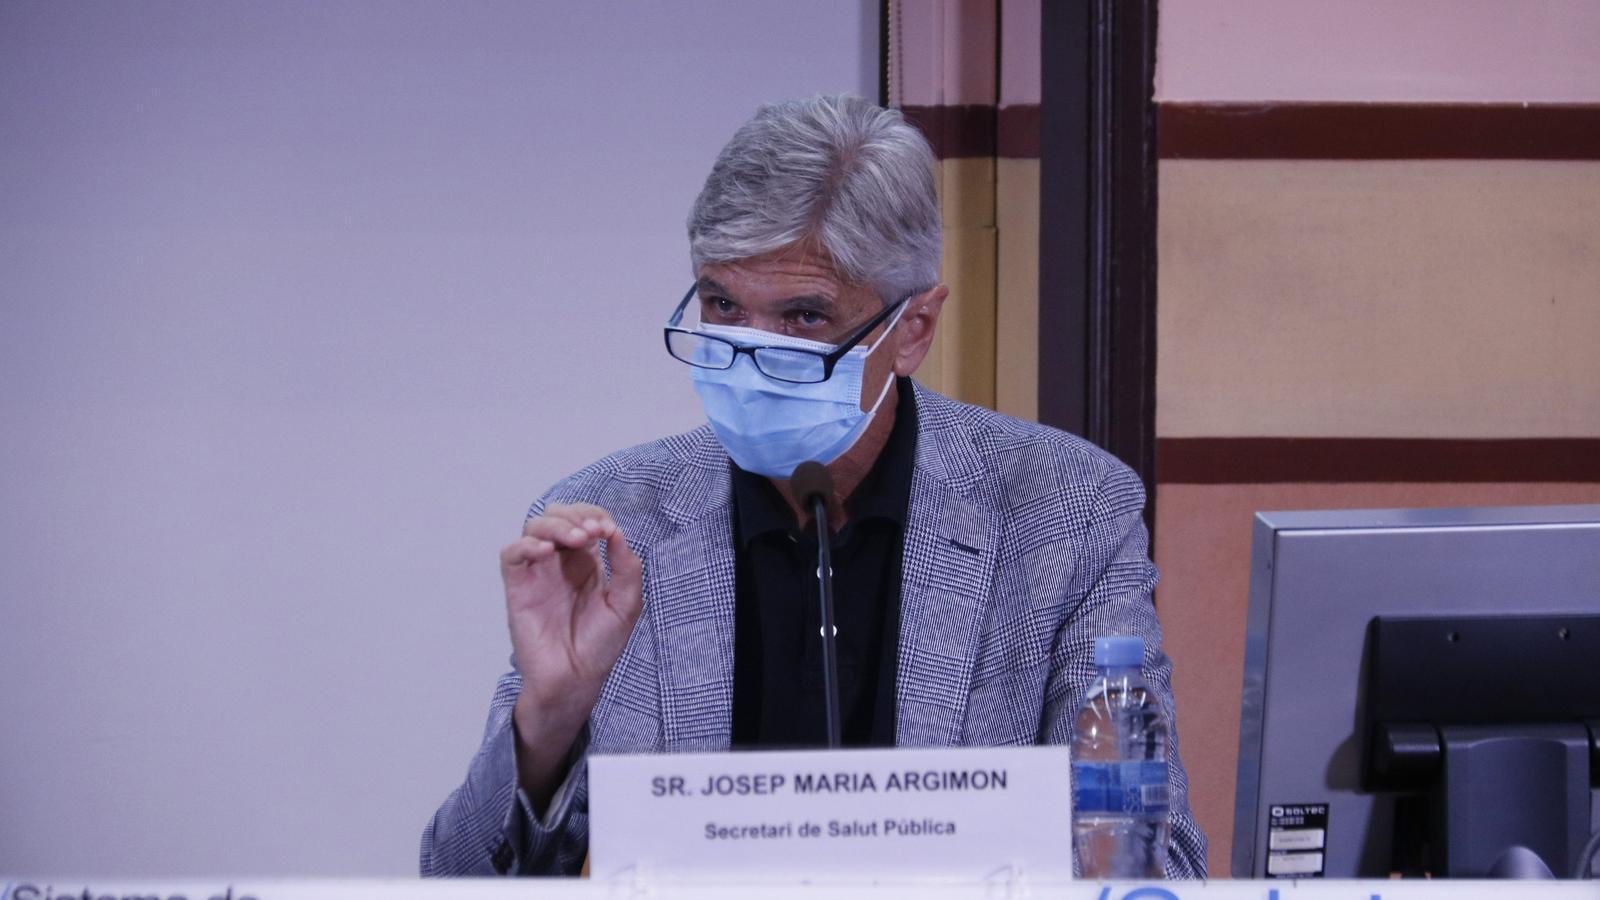 Roda de premsa del secretari de Salut Pública, Josep Maria Argimon, el director del CatSalut, Adrià Comella, i el coordinador de la unitat de seguiment del covid-19, Jacobo Mendioroz, d'aquest dijous 13 d'agost.